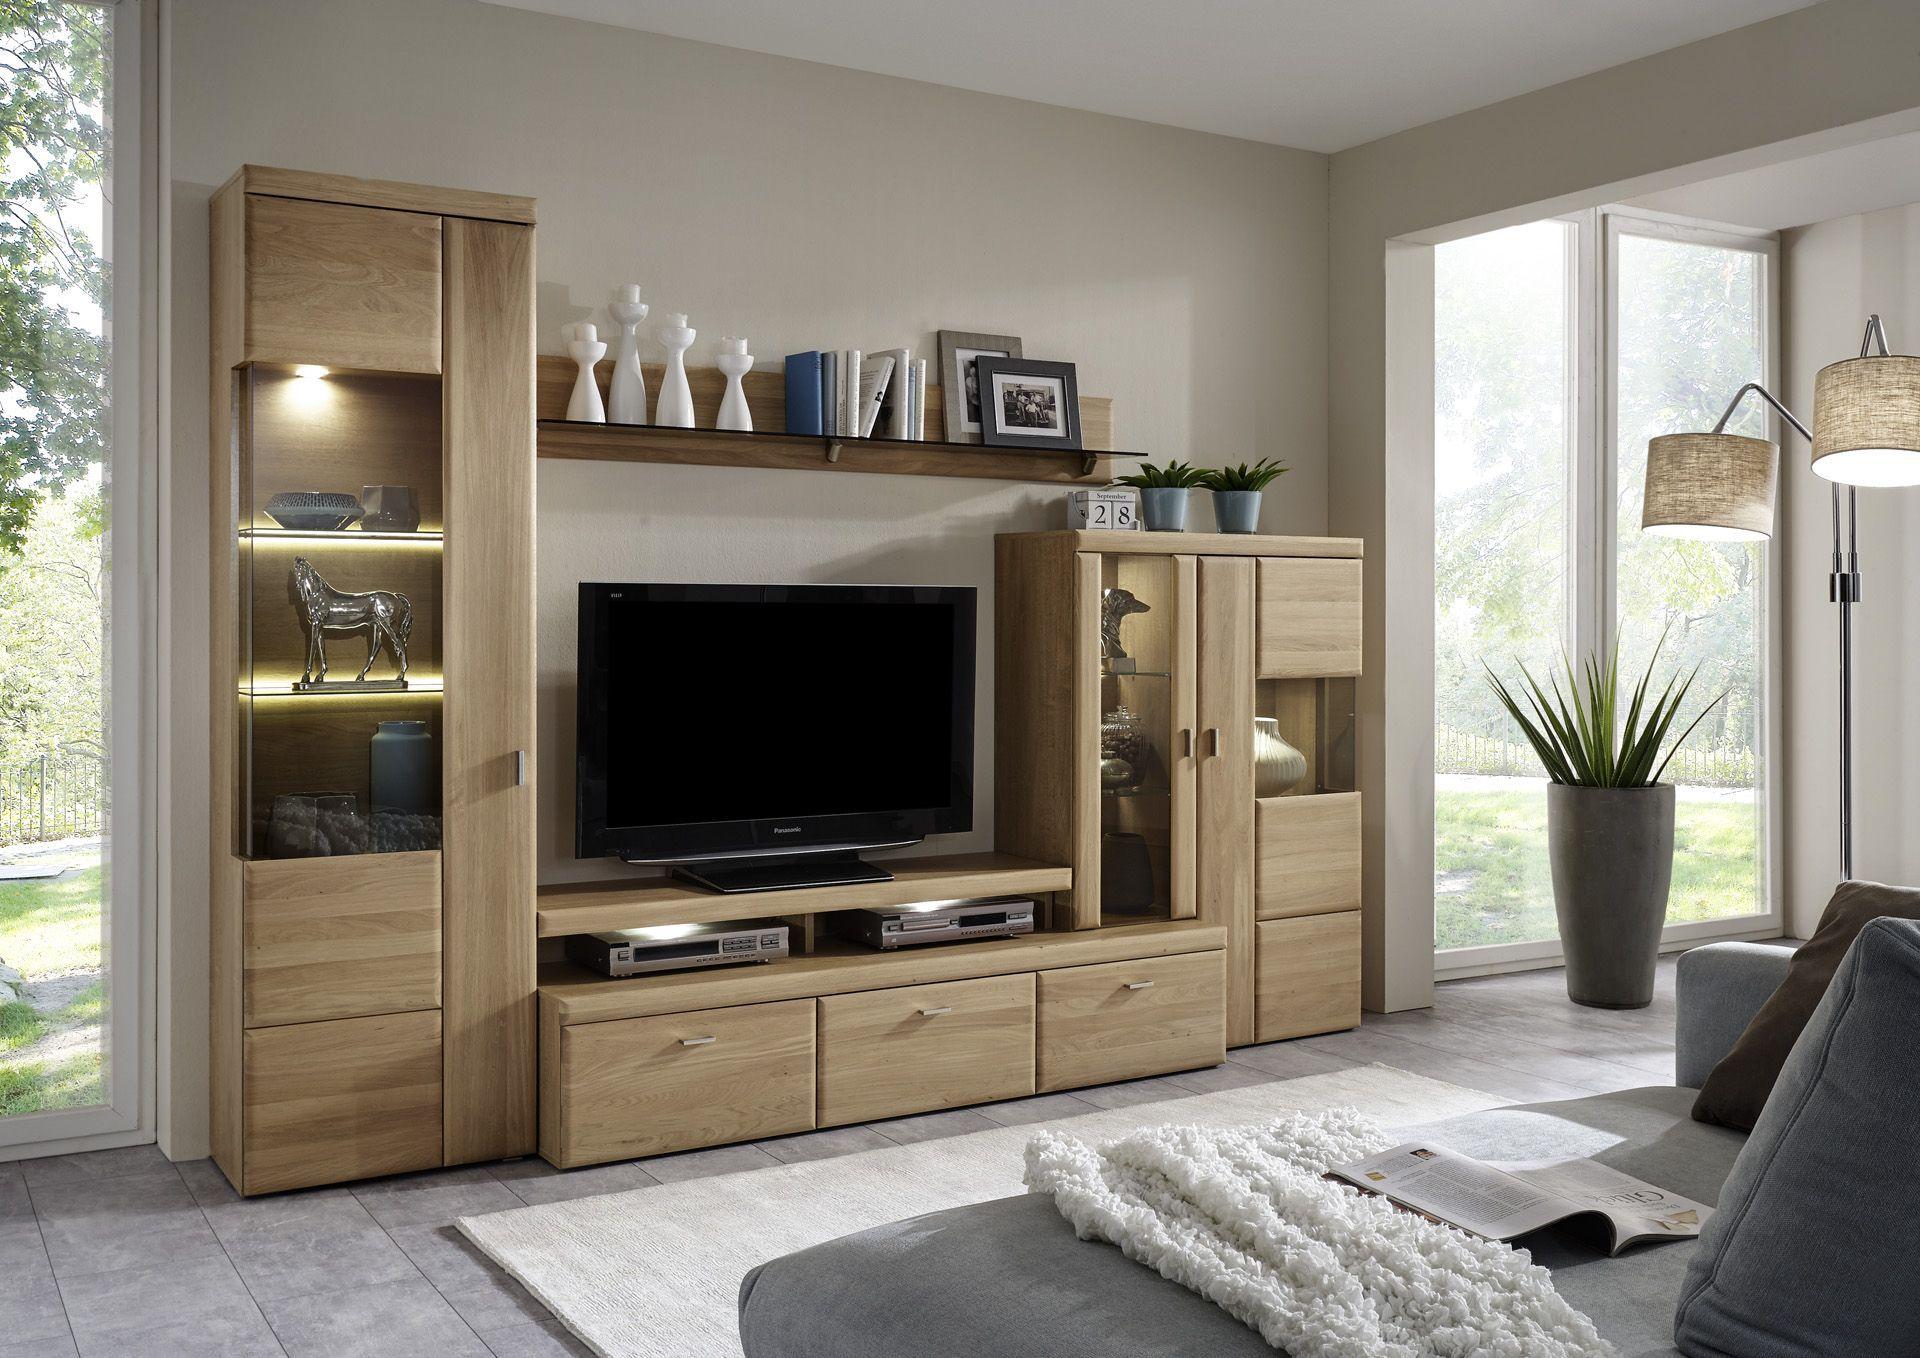 Wohnwand Teilmassiv Eiche Bianco Woody 97 00239 Holz Modern Eiche   Wohnwände zum Bestpreis Kaufen